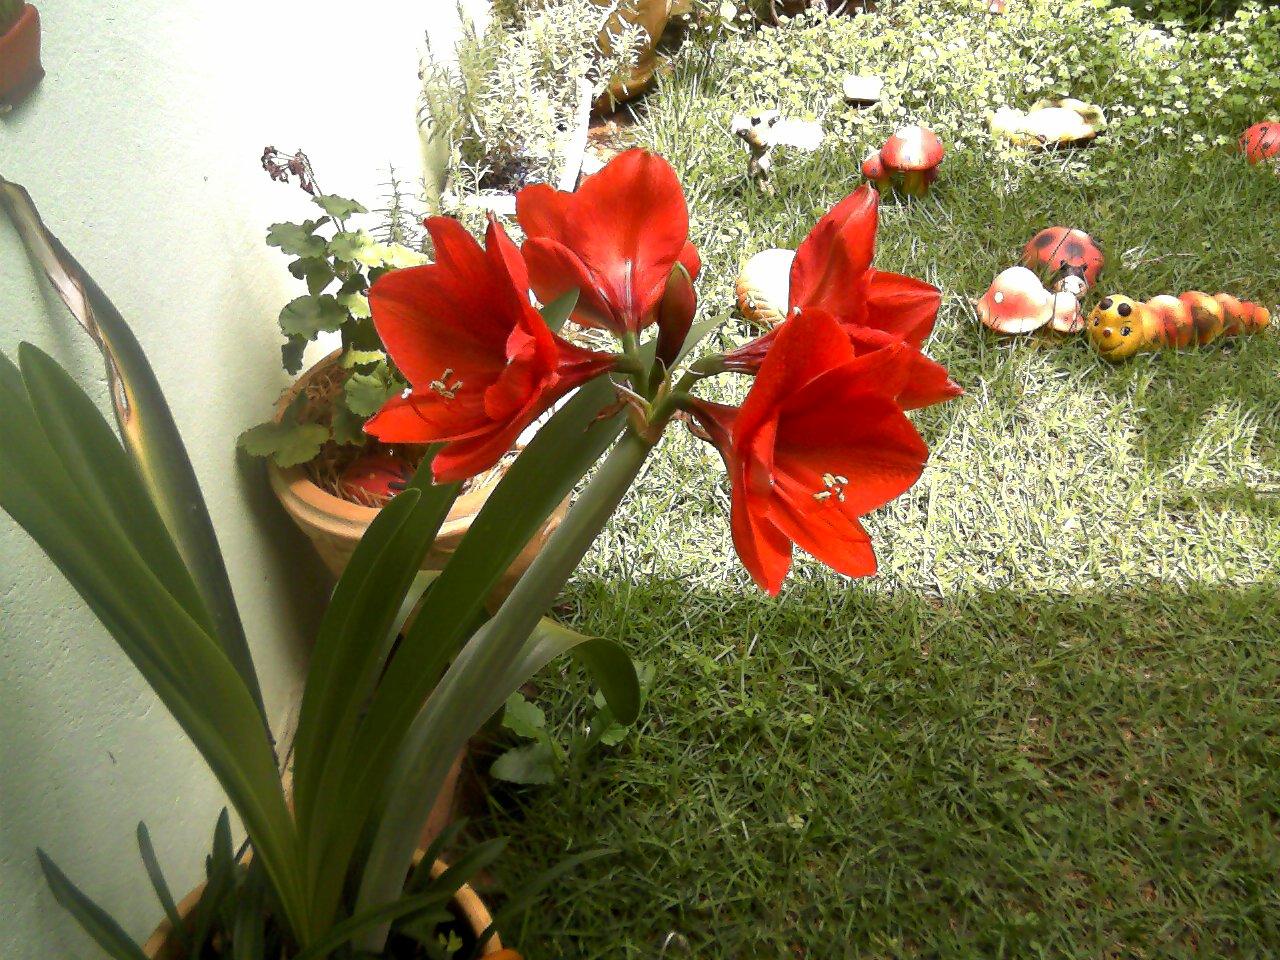 flores no jardim de deus : flores no jardim de deus:chegou com alegrias e flores no meu jardim! Vejam que belas flores de